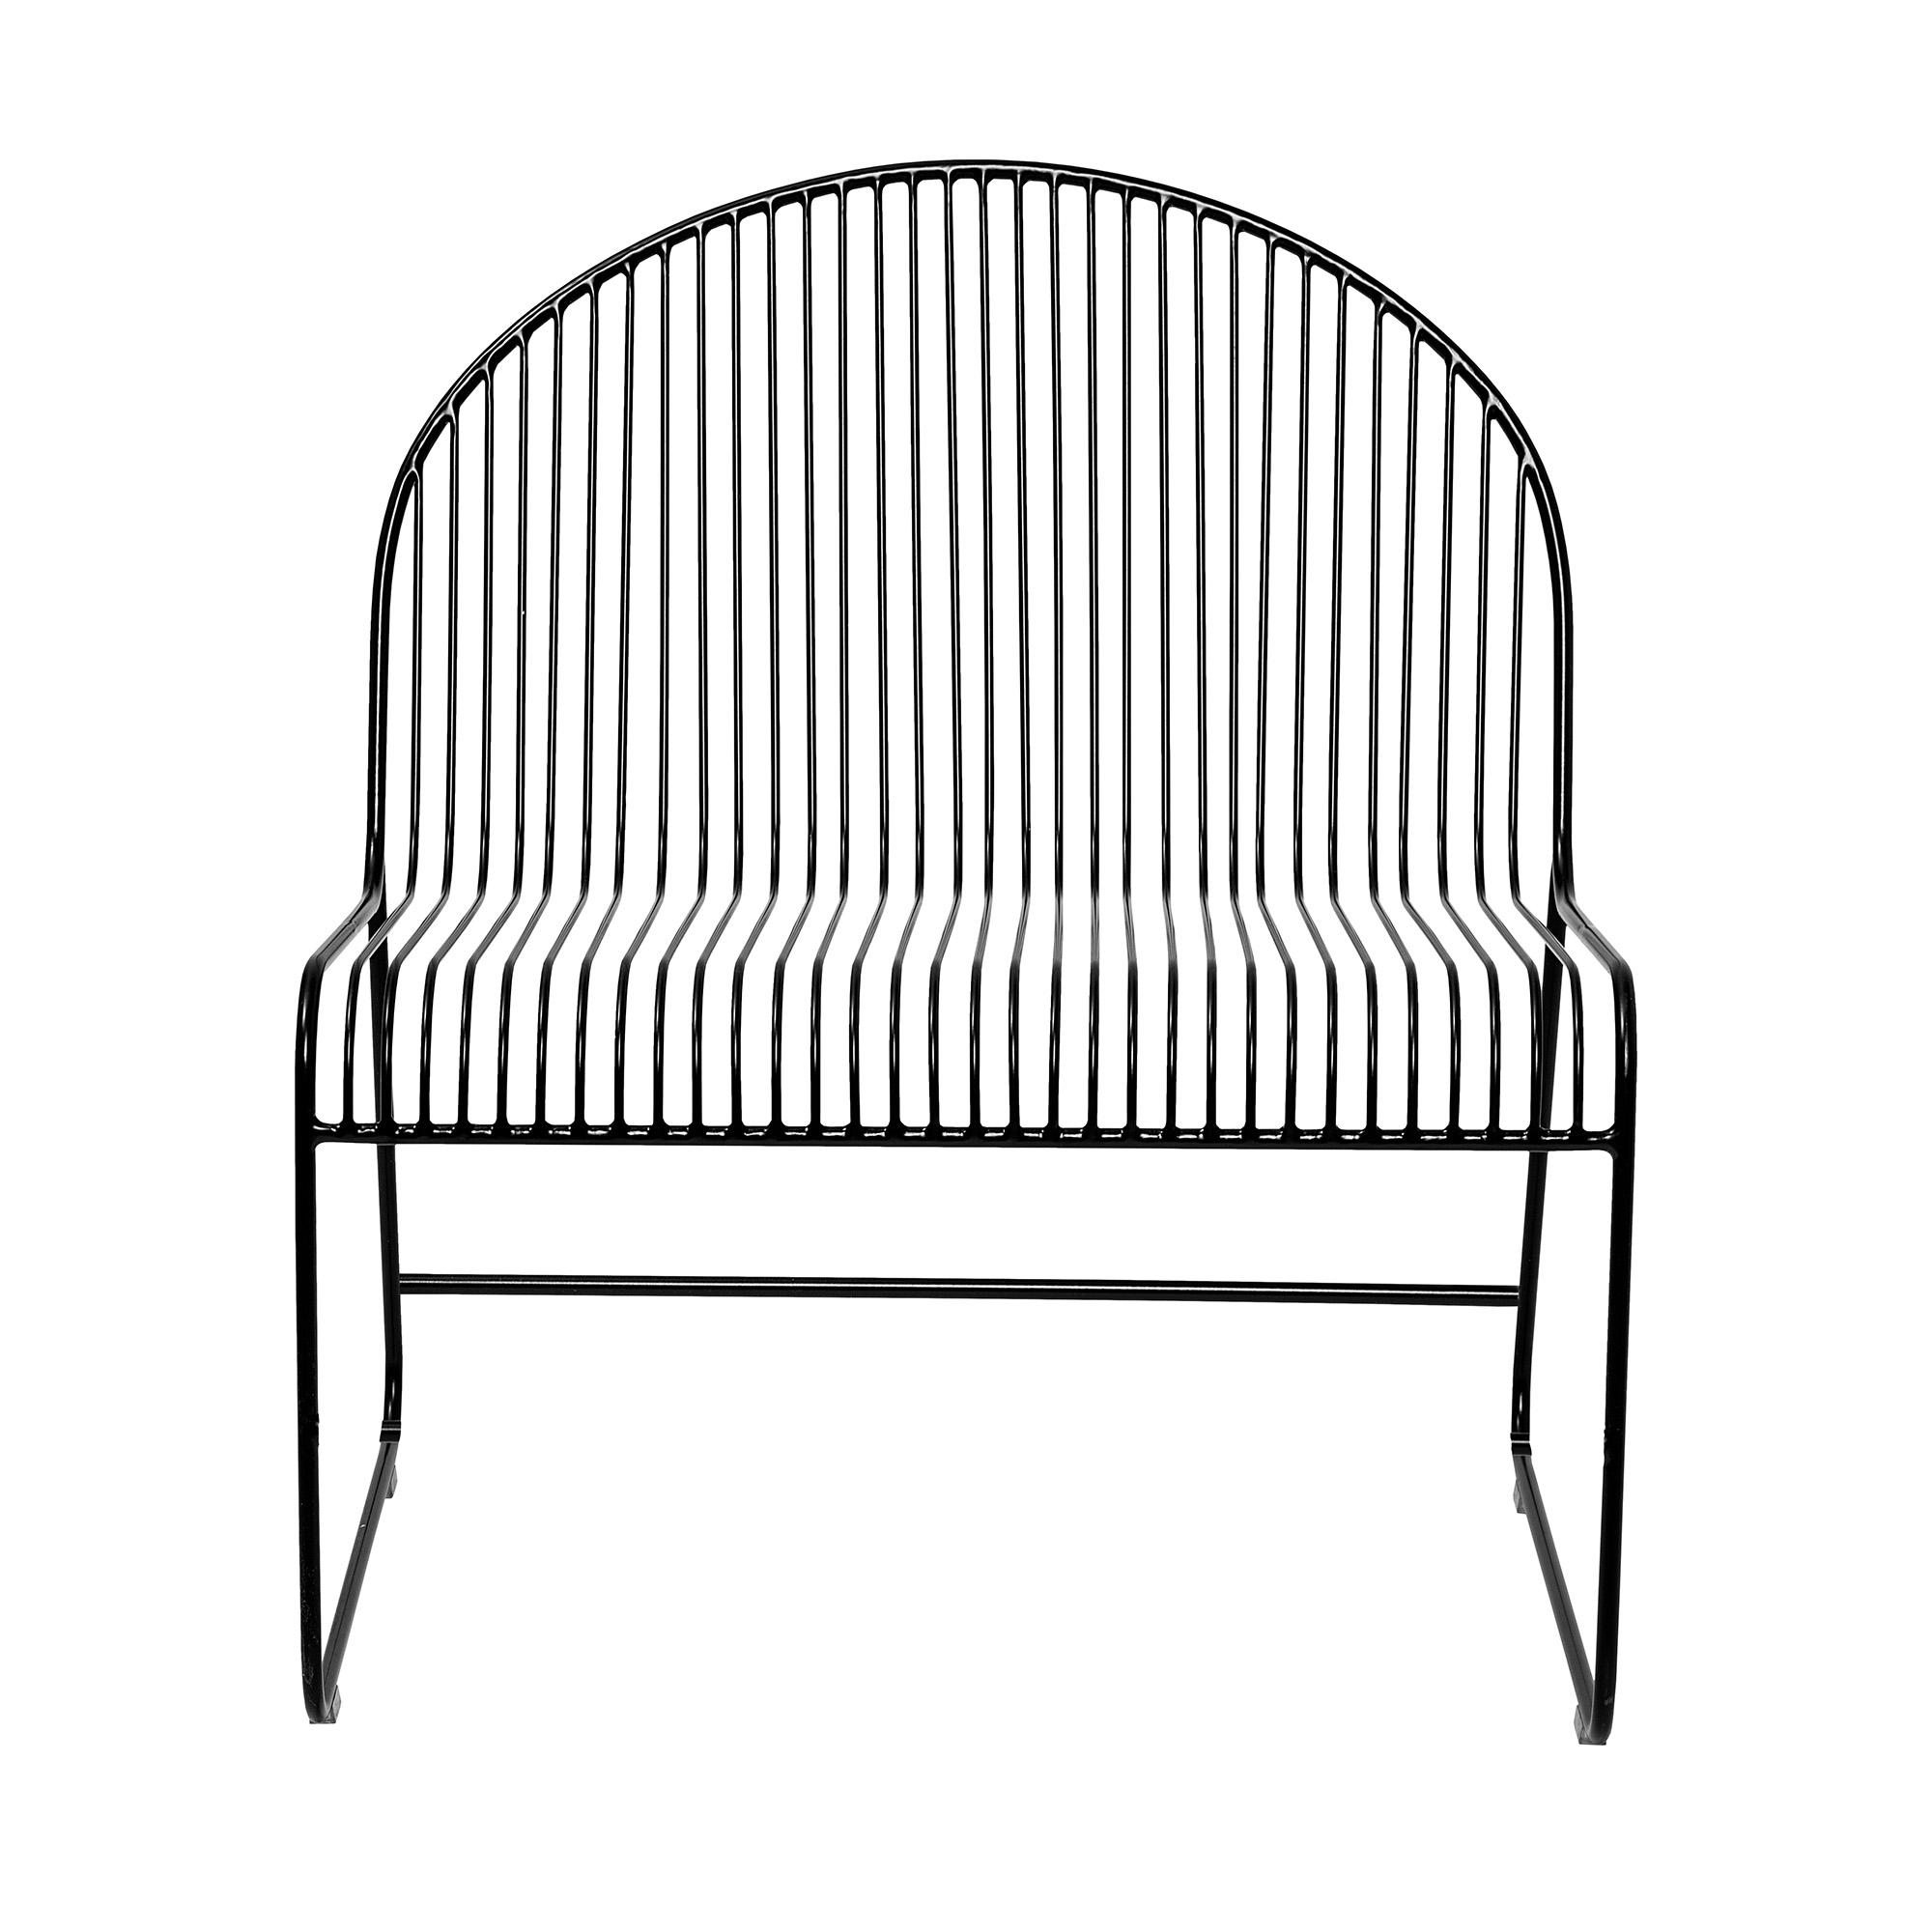 Image of   Bloomingville - Friend Lounge Stol - Sort Metal